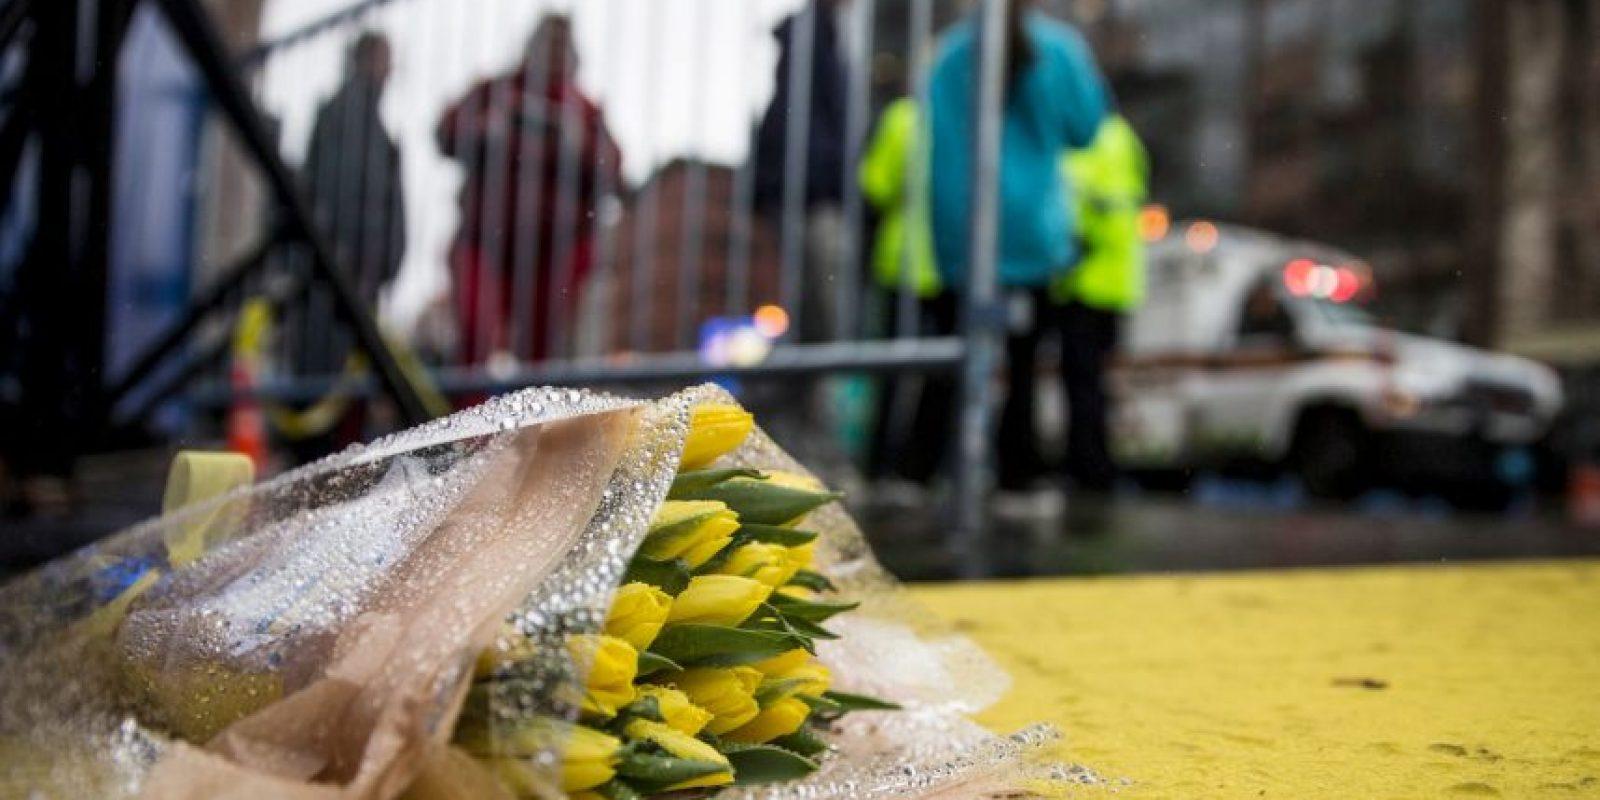 Mientras tanto, los abogados de Tsarnaev continuarán con el proceso de apelaciones a su sentencia a muerte. Foto:Getty Images